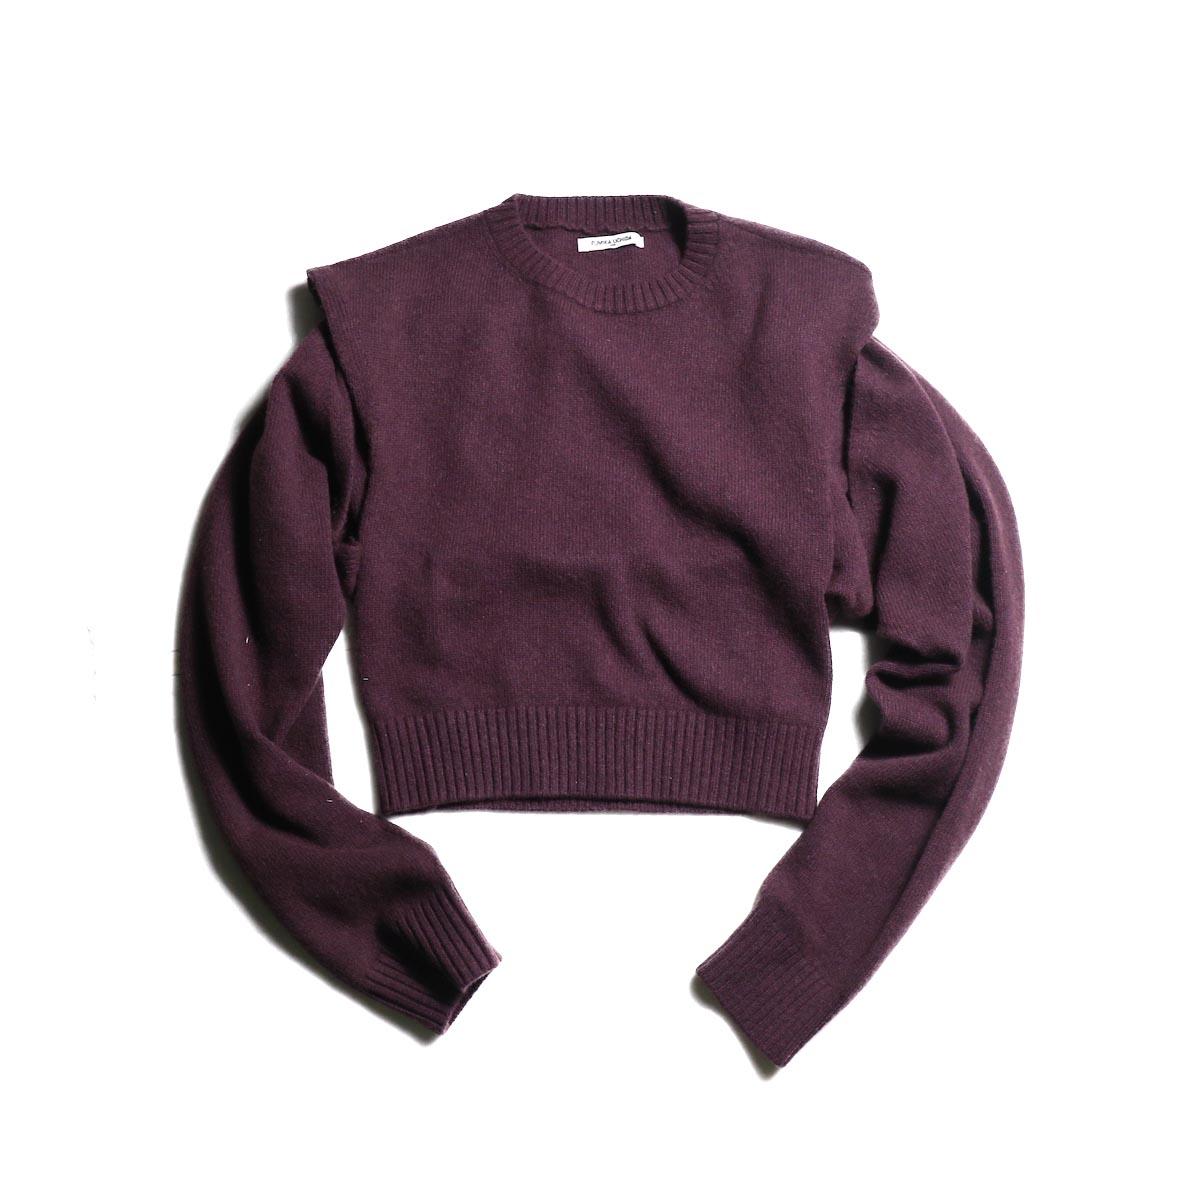 FUMIKA UCHIDA / 7G Yak Separate-Back Sweater (Grape)